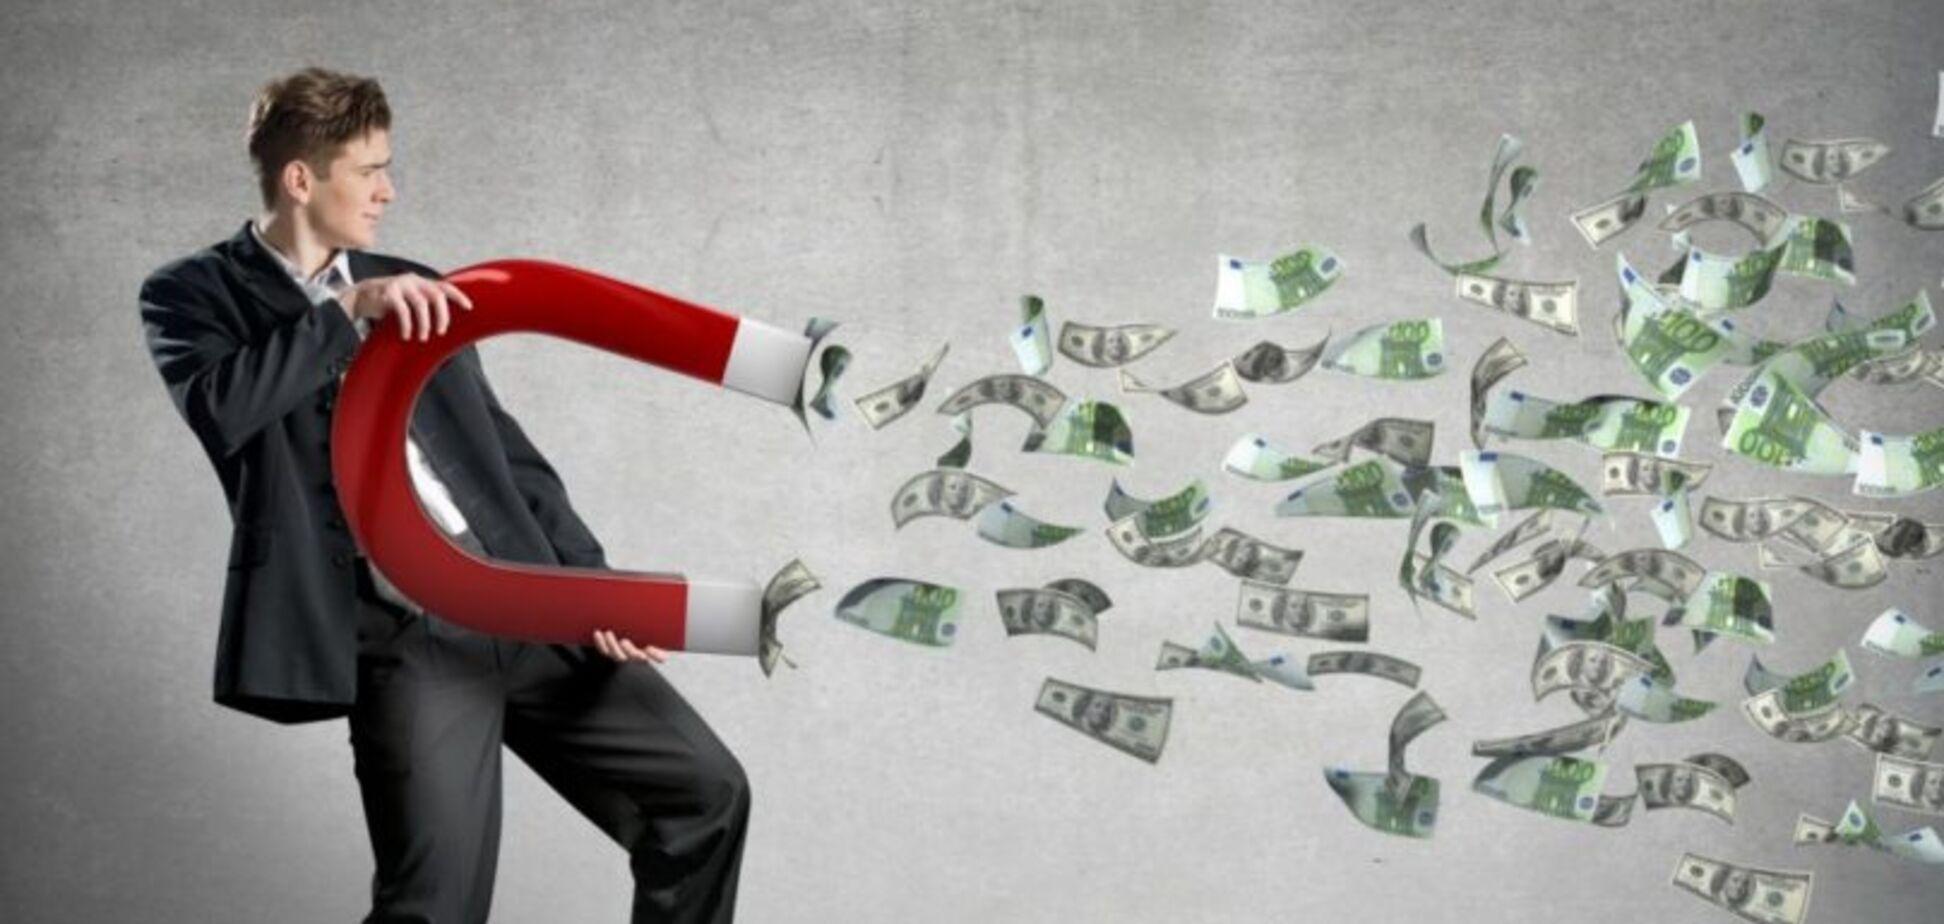 Підвищення мінімальної зарплати: як відбилося на дніпрянах